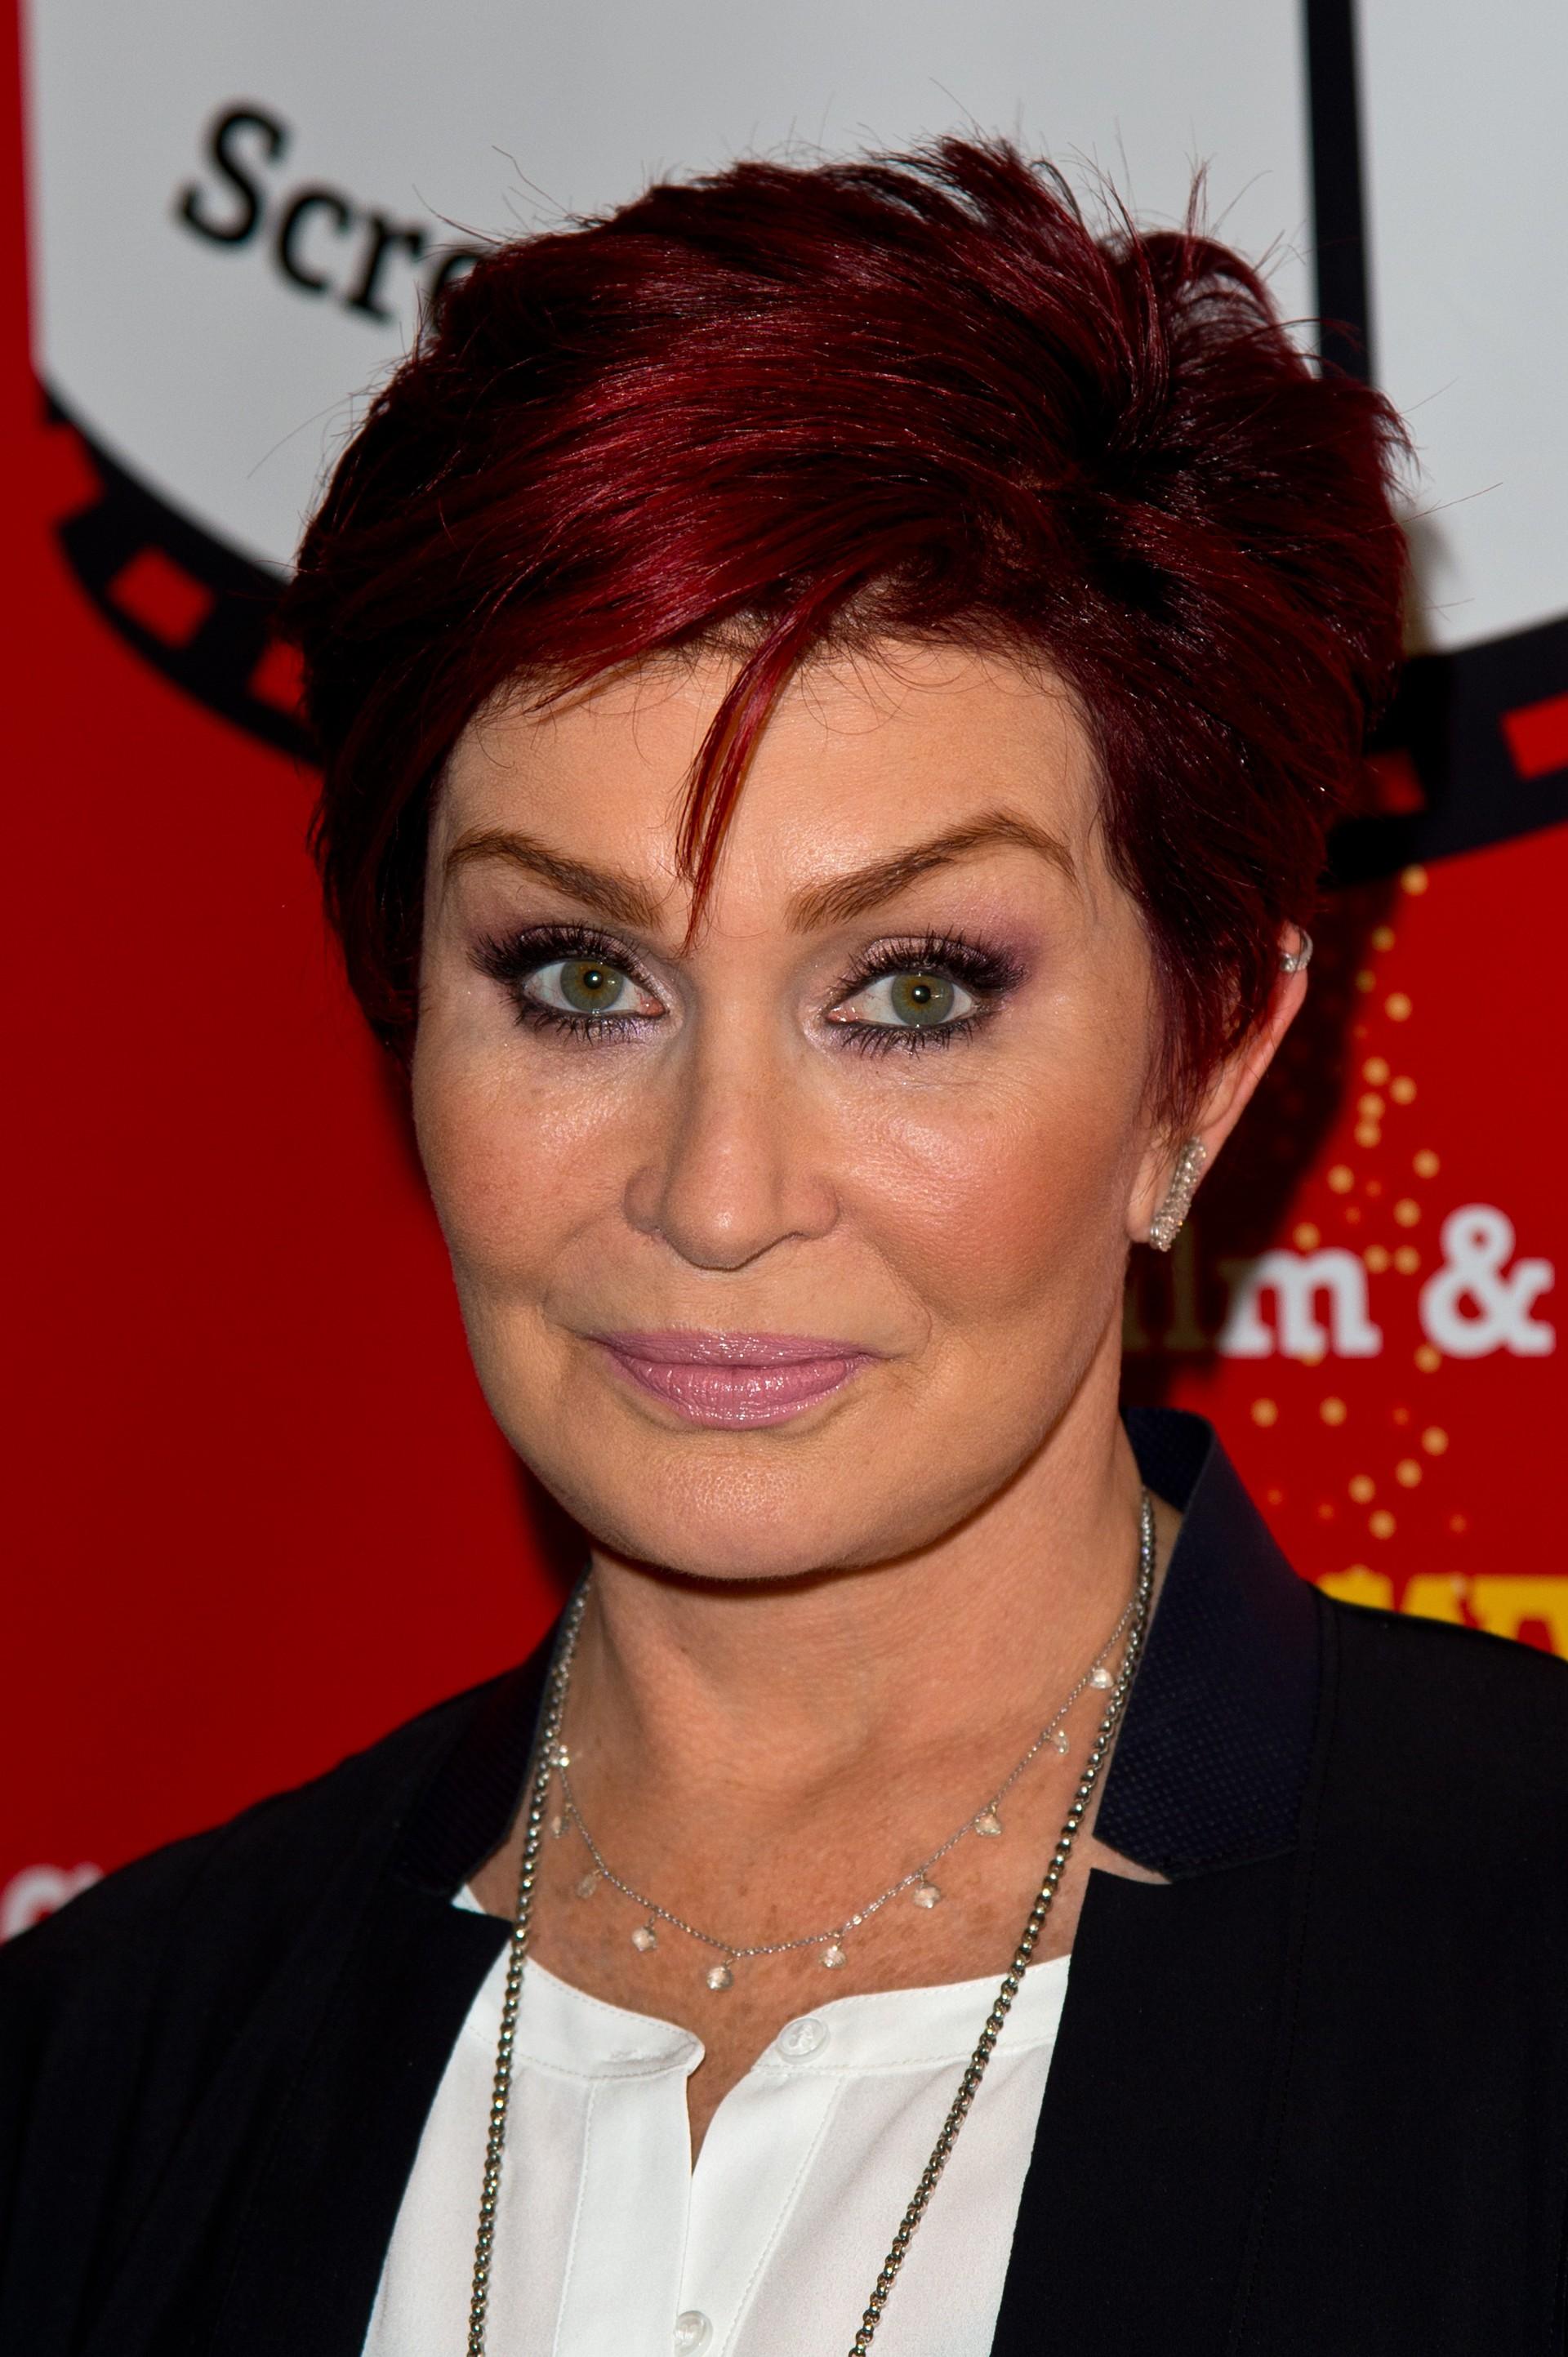 A produtora revelou sua luta contra um câncer de cólon em 2002 durante o reality show da MTV, 'The Osbournes'. (Foto: Getty Images)